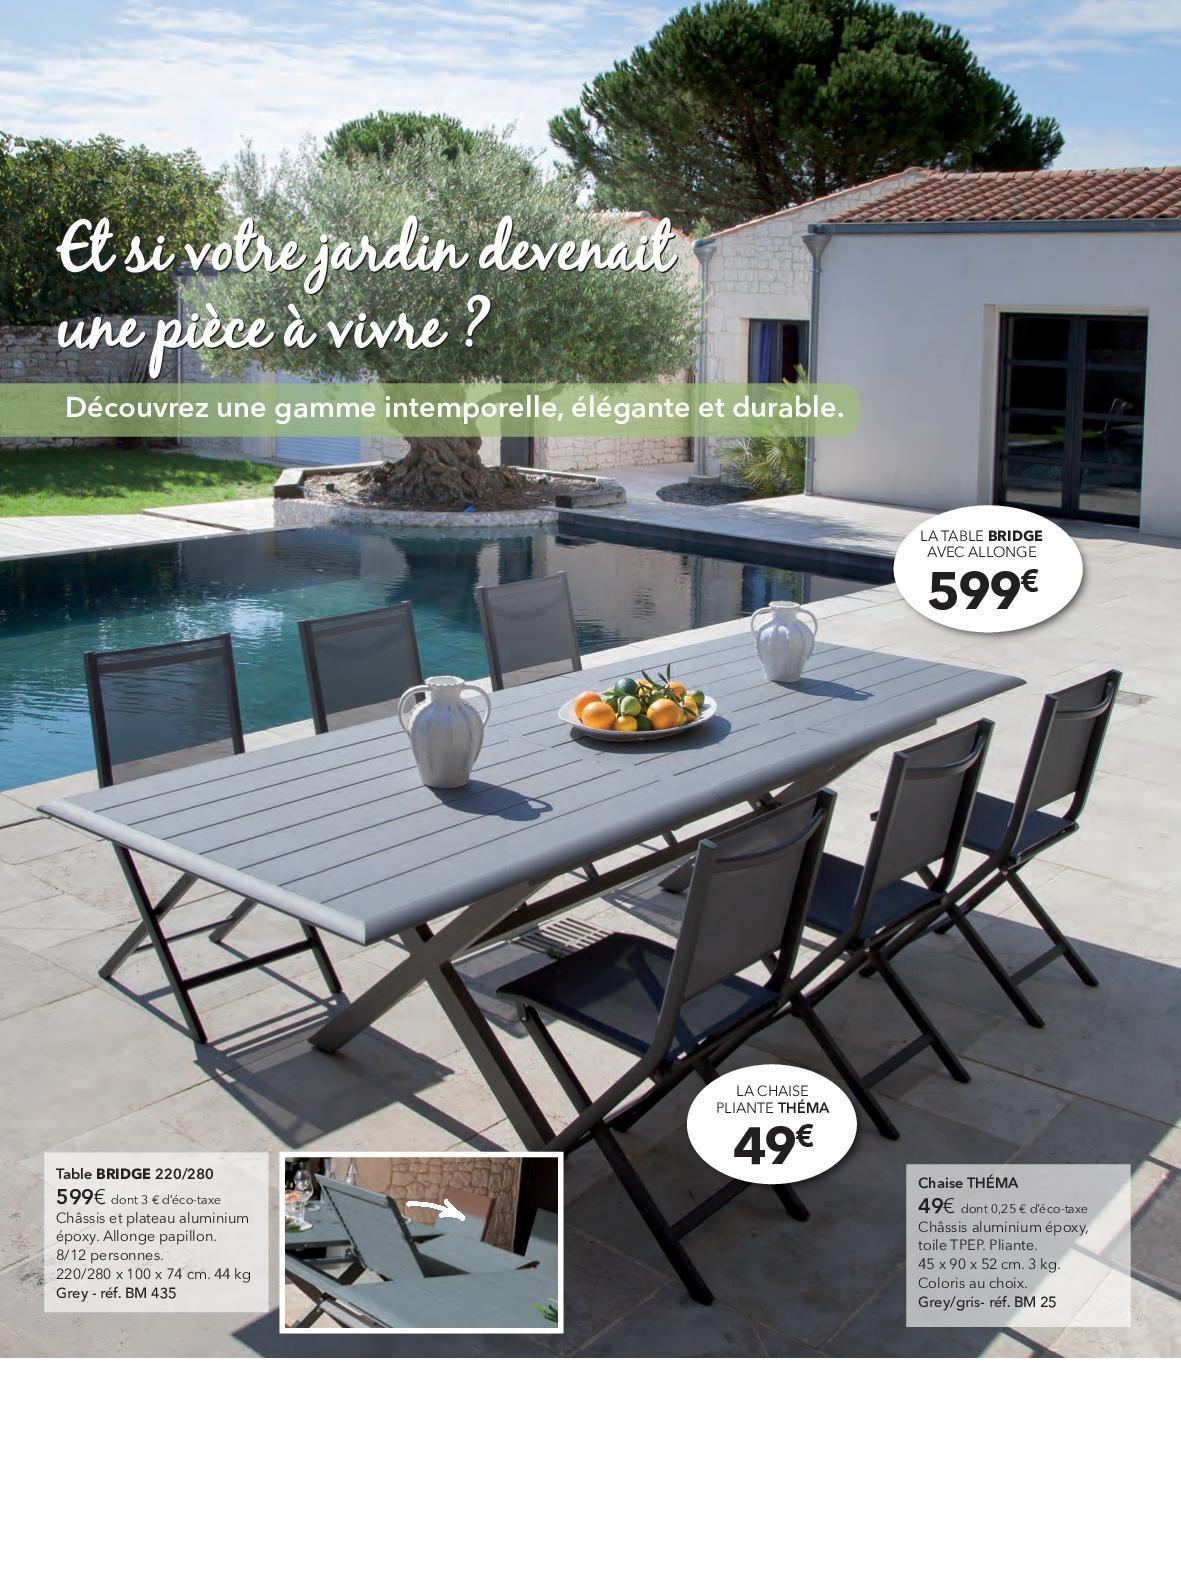 Calaméo - Et si votre jardin devenait une pièce à vivre ?